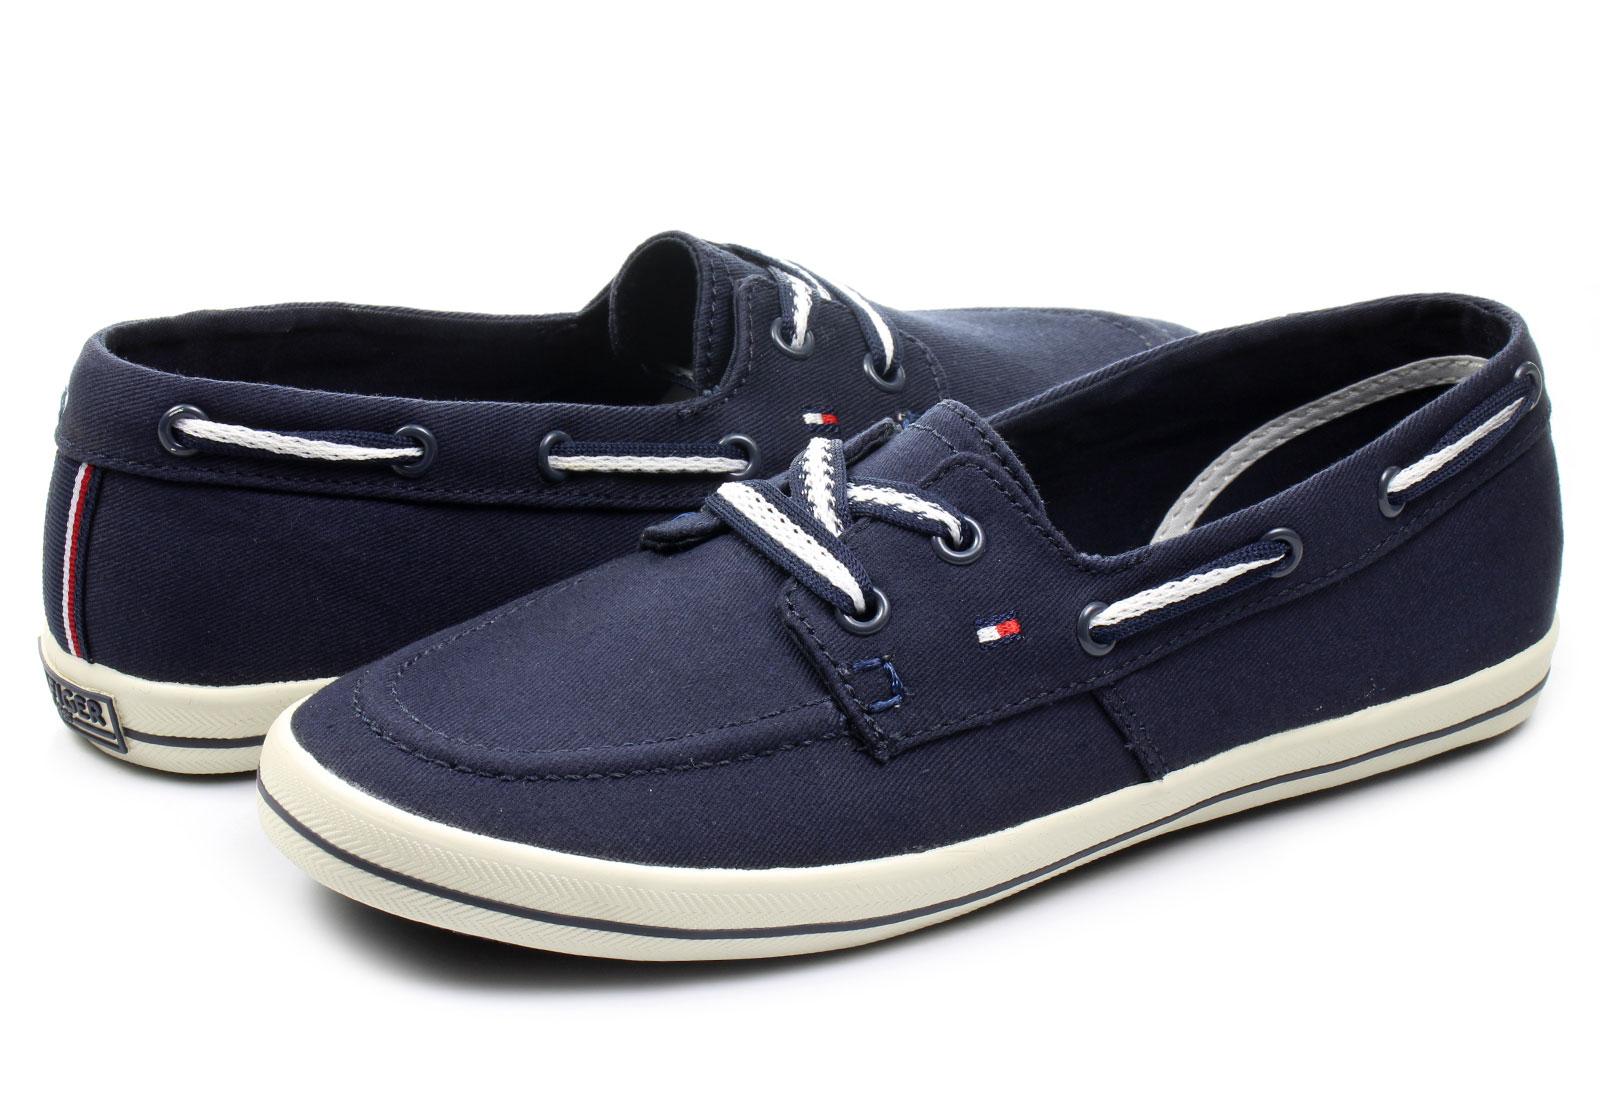 tommy hilfiger shoes victoria 11d 16s 0835 403 online shop for. Black Bedroom Furniture Sets. Home Design Ideas